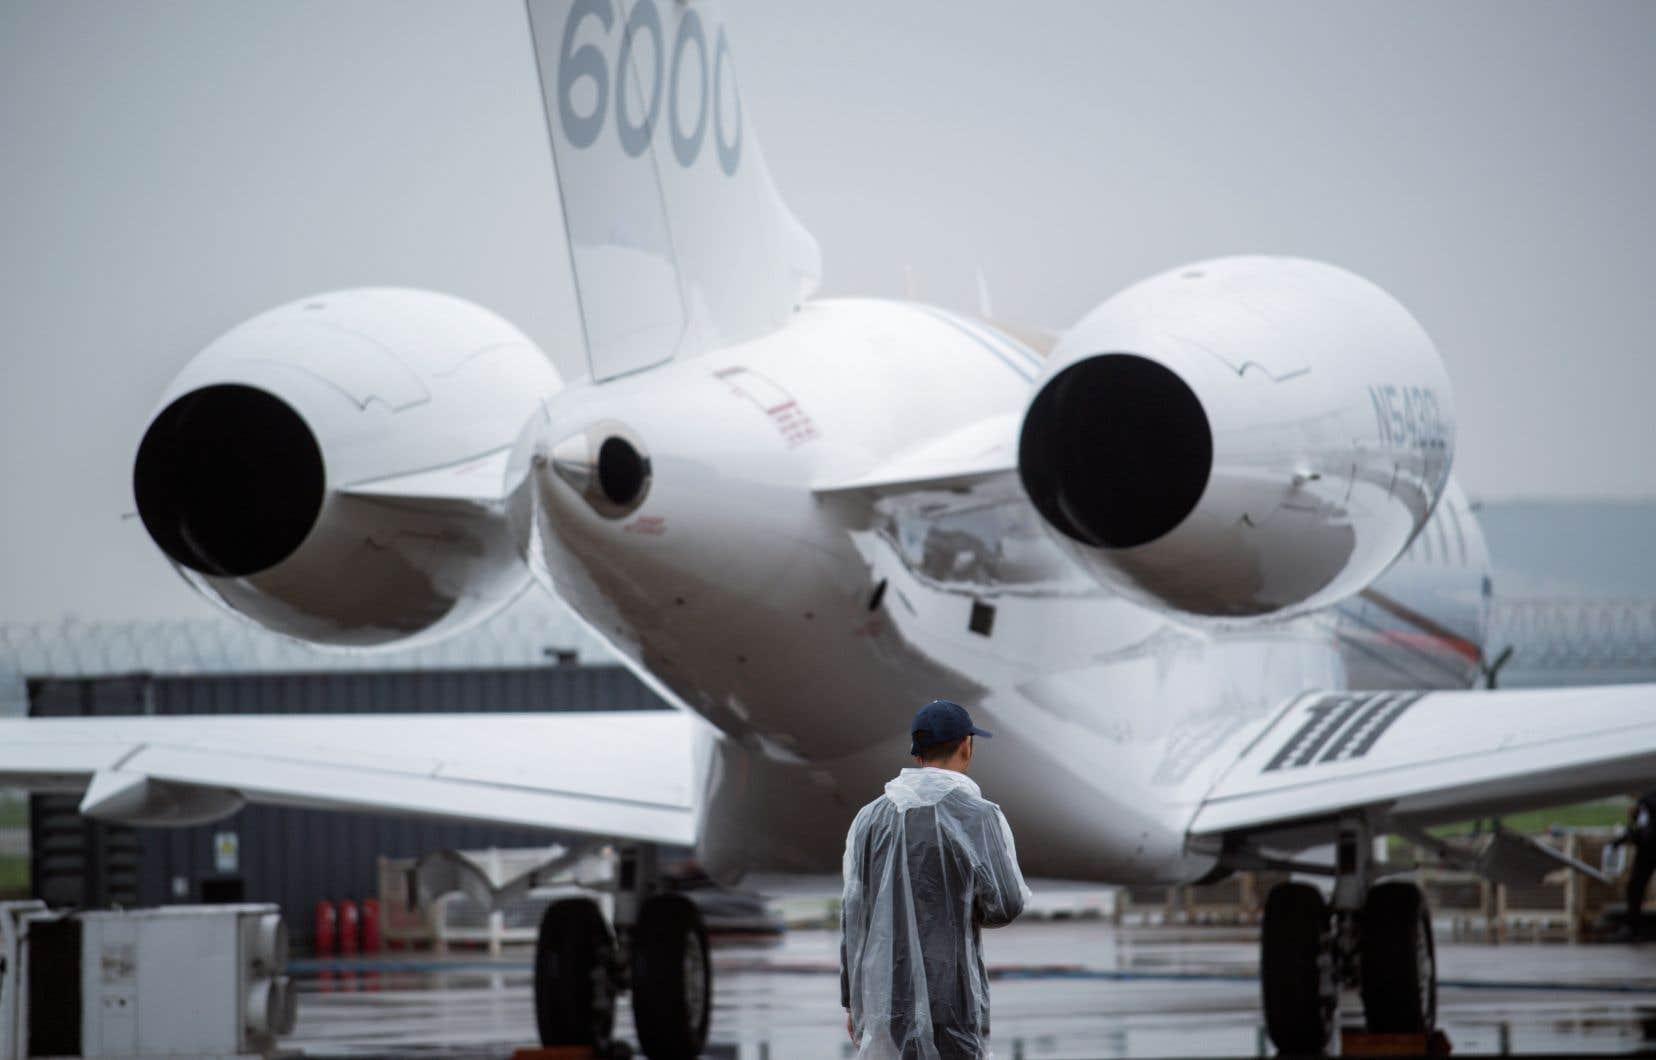 Bombardier n'a pas divulgué dans quelles installations auront lieu les licenciements, se limitant à dire que les coupes, dont la moitié est prévue dès les prochaines semaines, auront lieu à la fois dans la fabrication et l'administration. Sur la photo, un avion Global 6000, dont la finition intérieure est effectuée à Dorval.